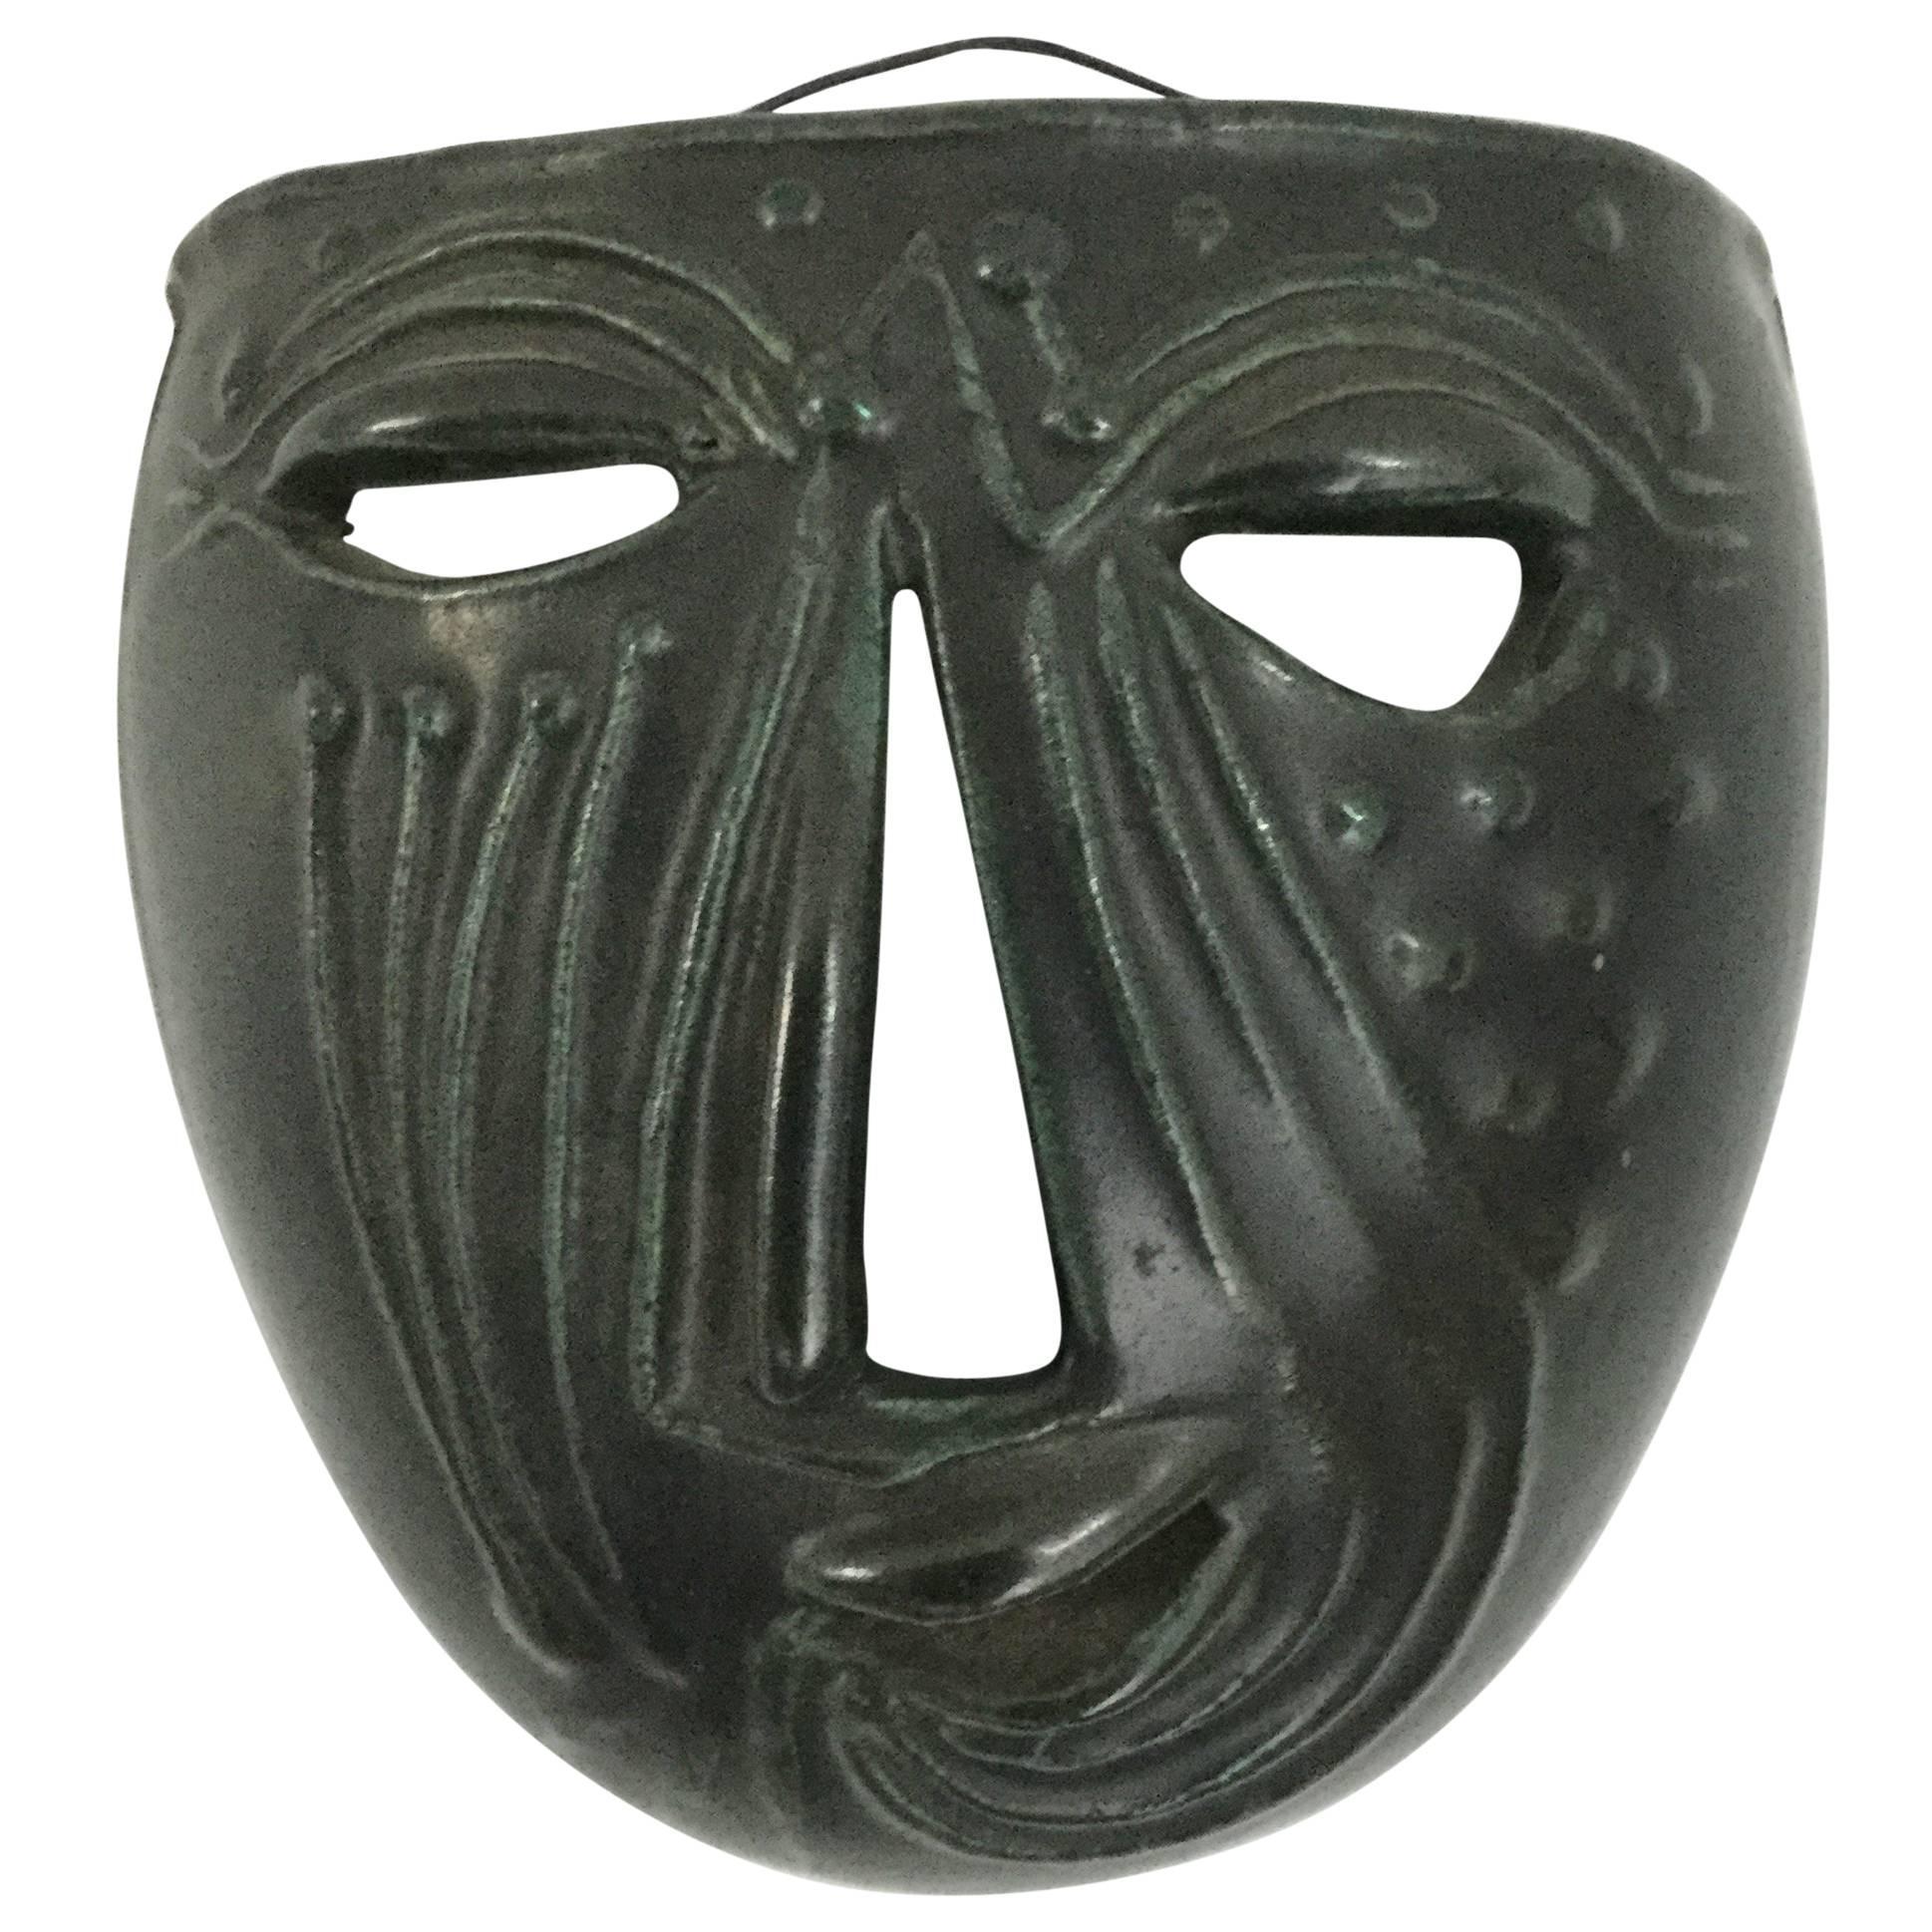 Accolay Mask